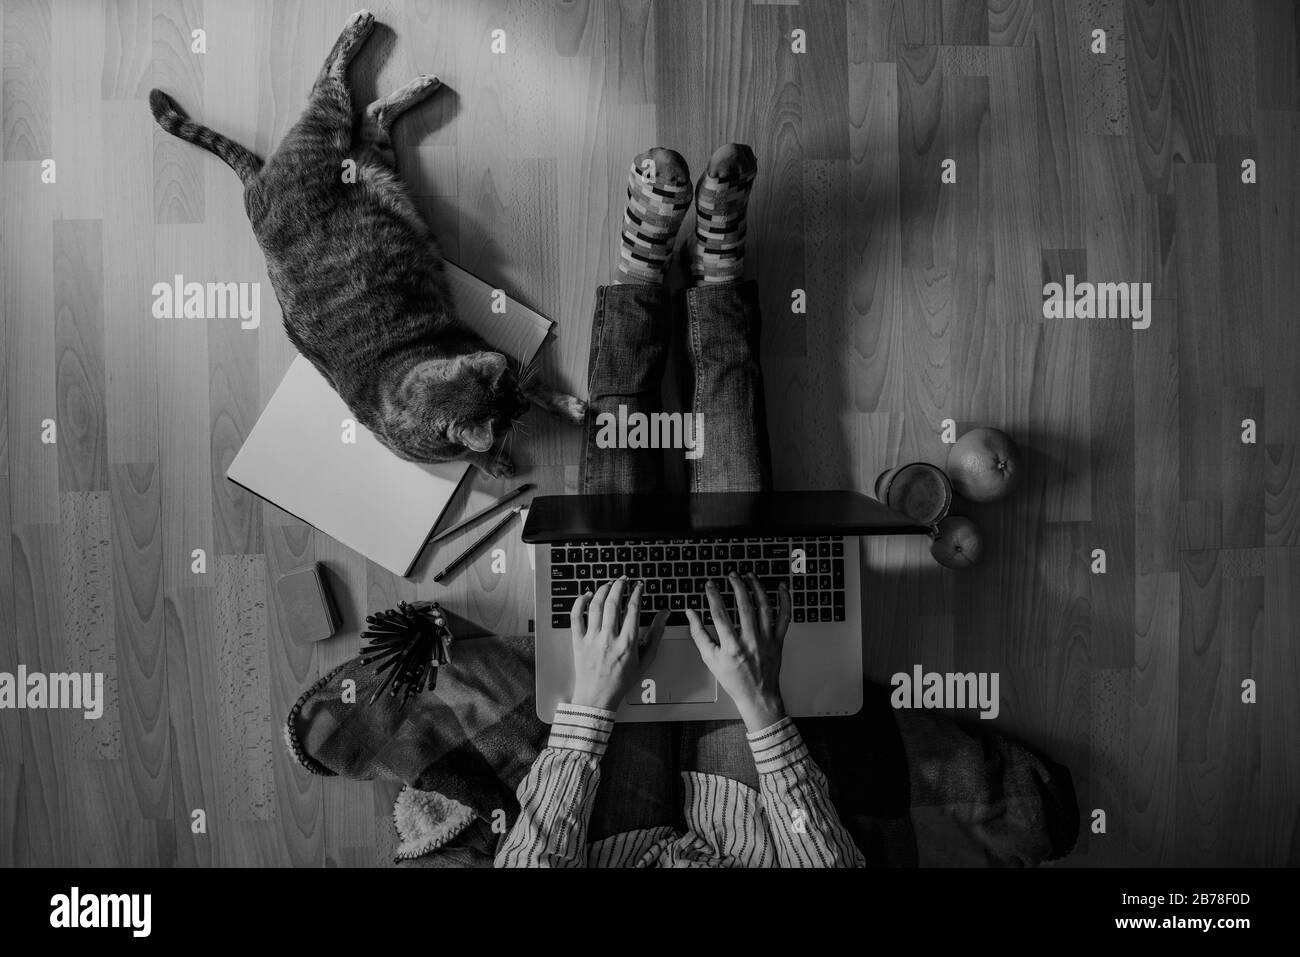 espace de travail à domicile créatif - travail à partir du concept à la maison - fille avec chat Banque D'Images